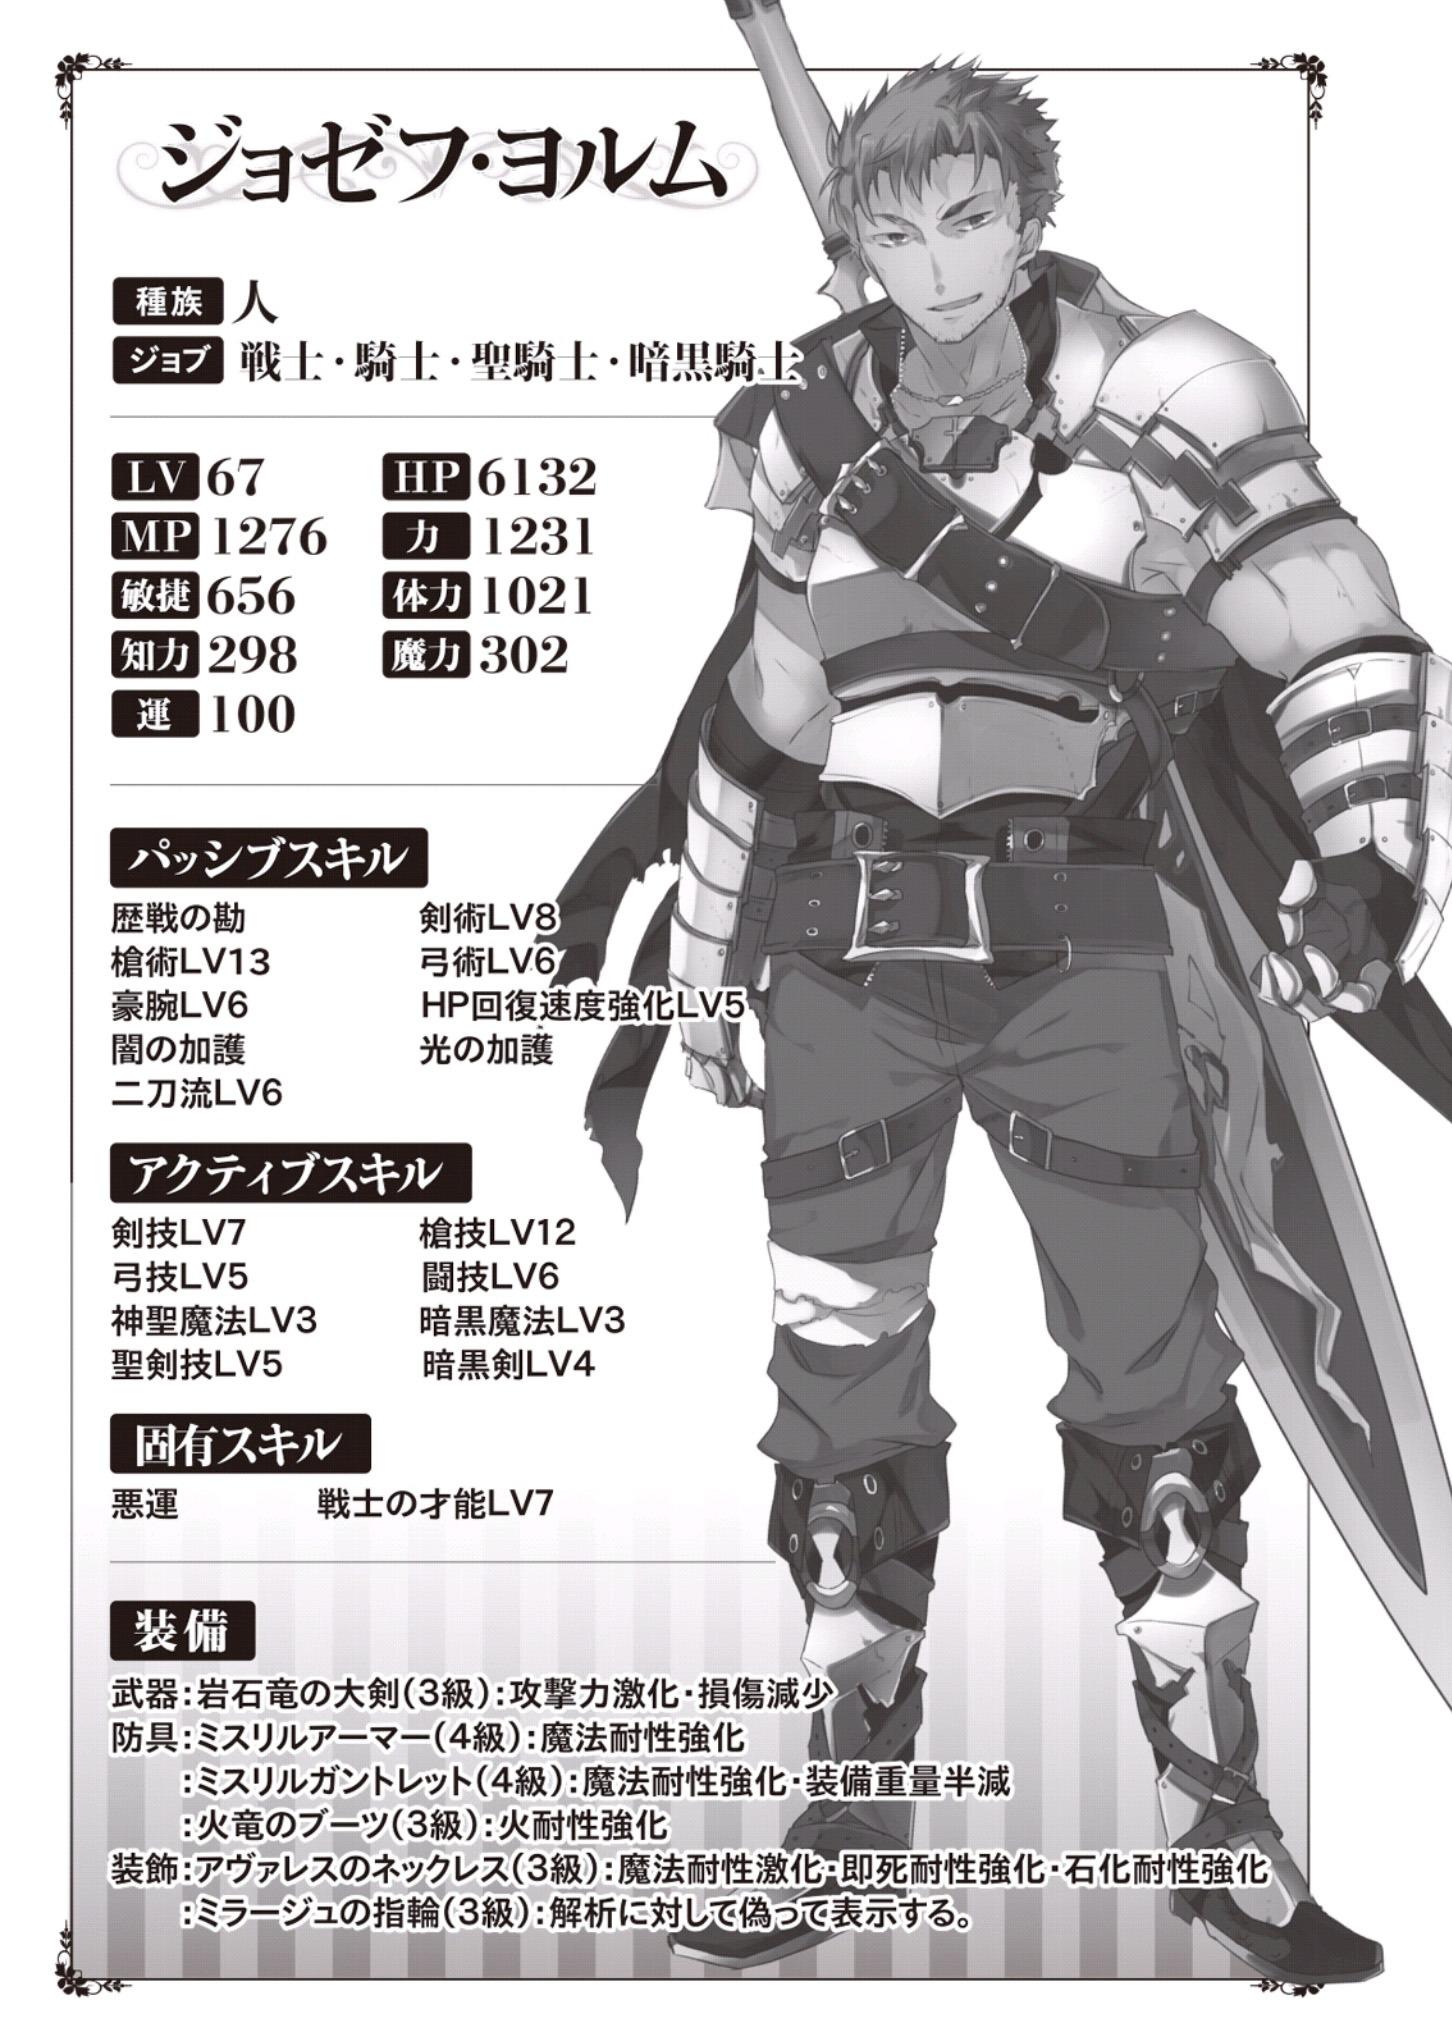 risou no himo seikatsu pdf english